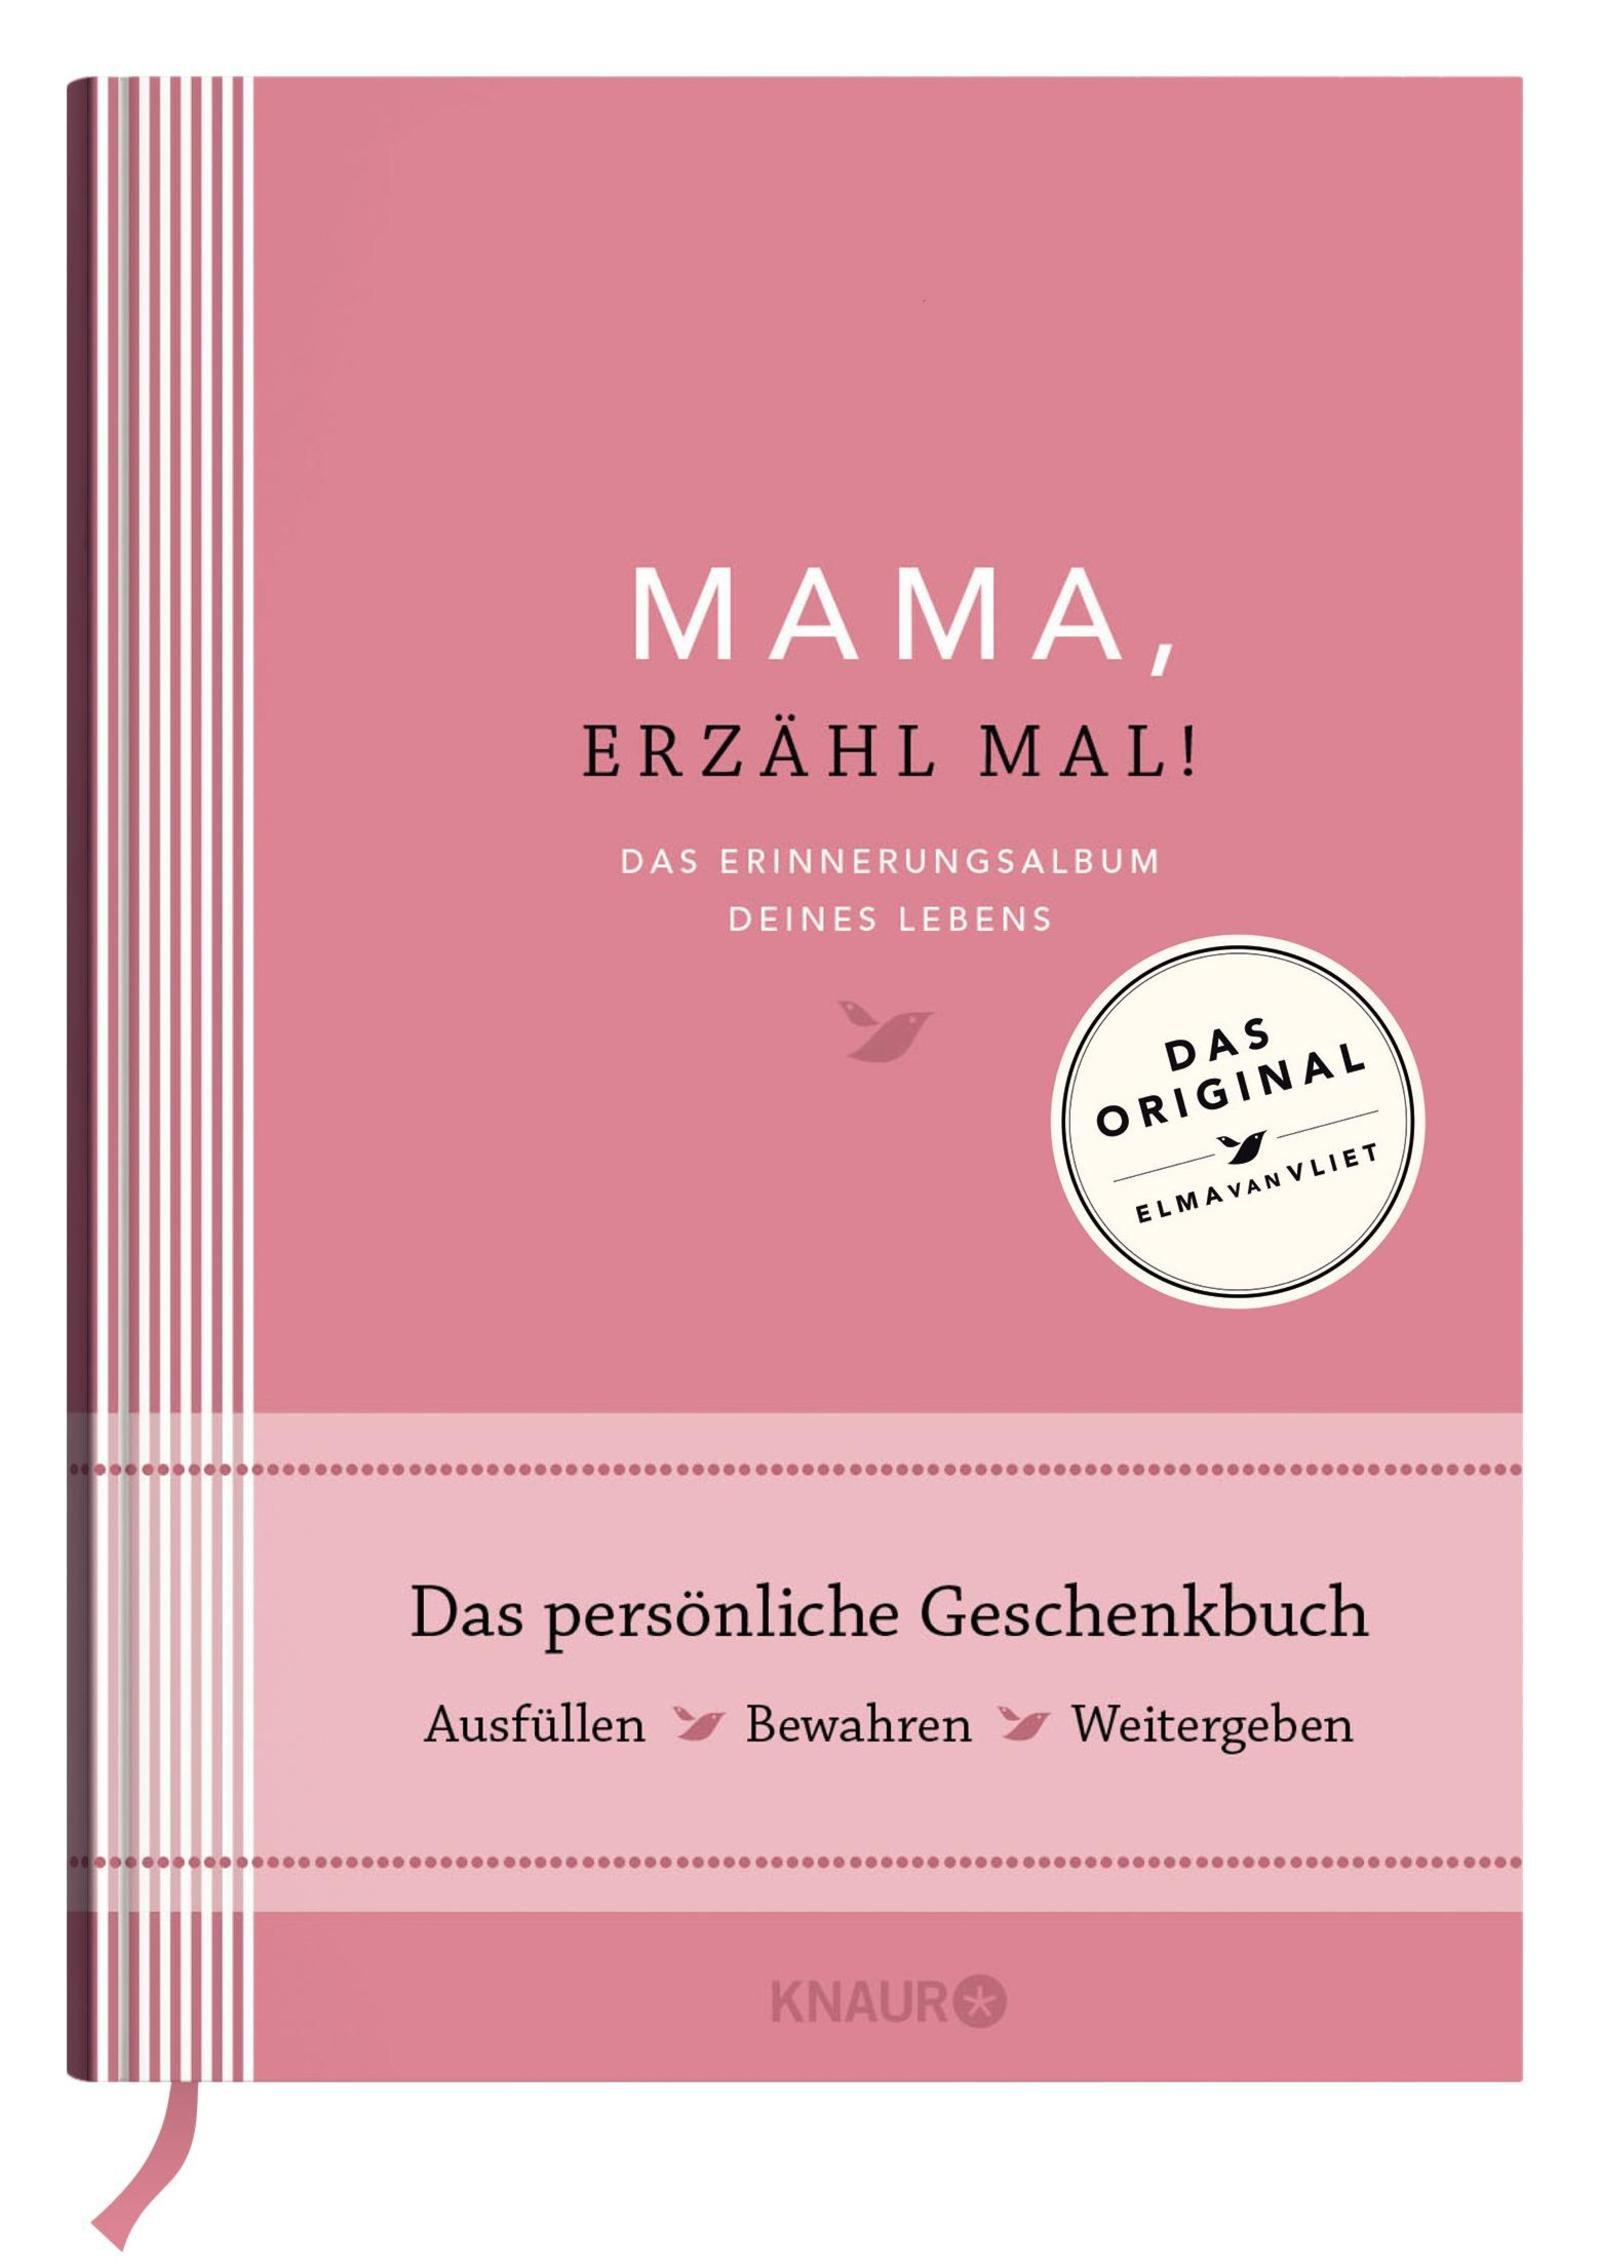 Mama, erzähl mal!   Elma van Vliet: Das Erinnerungsalbum deines Lebens Gebundenes Buch – 1. März 2016 Ilka Heinemann Matthias Kuhlemann Knaur HC 3426655896